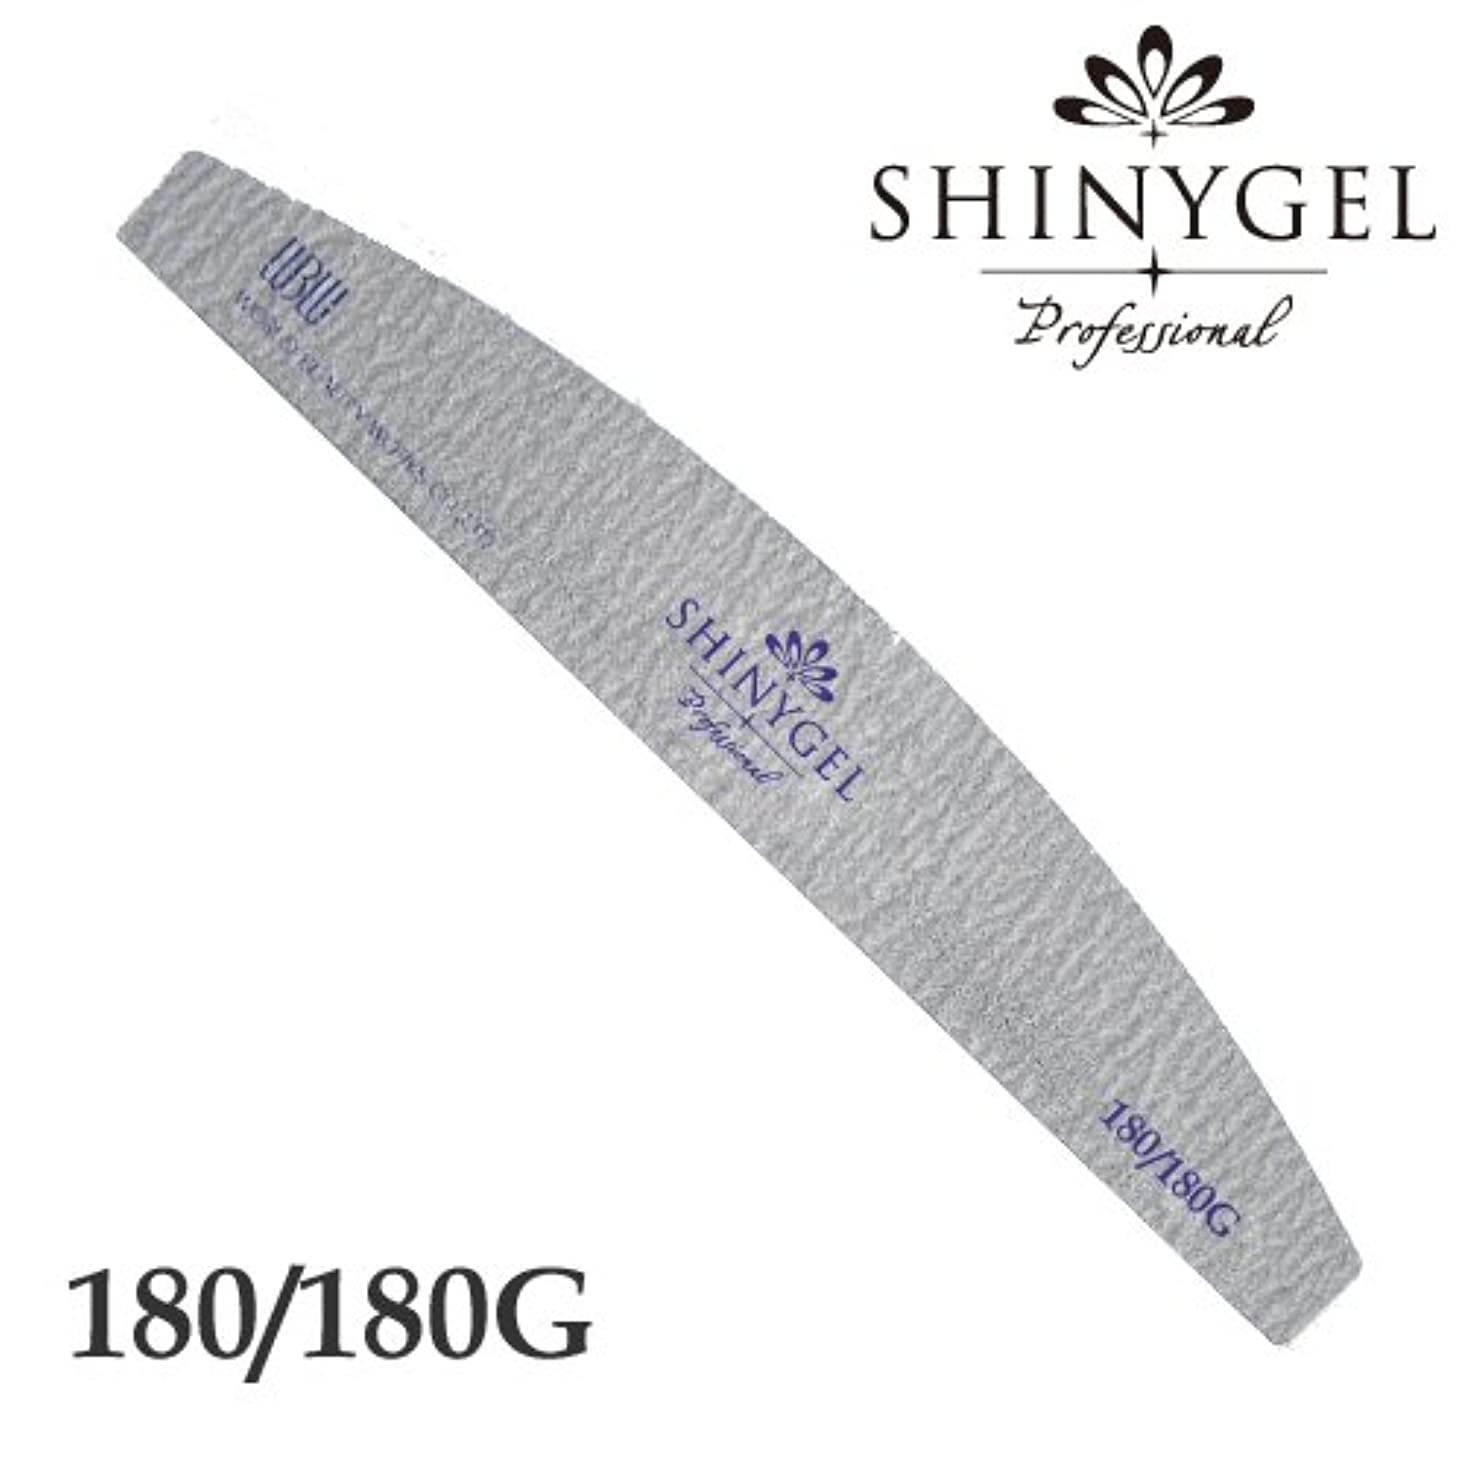 ハイランド姿を消すヘビSHINYGEL Professional シャイニージェルプロフェッショナル ゼブラファイル ホワイト(アーチ型) 180/180G ジェルネイル 爪やすり